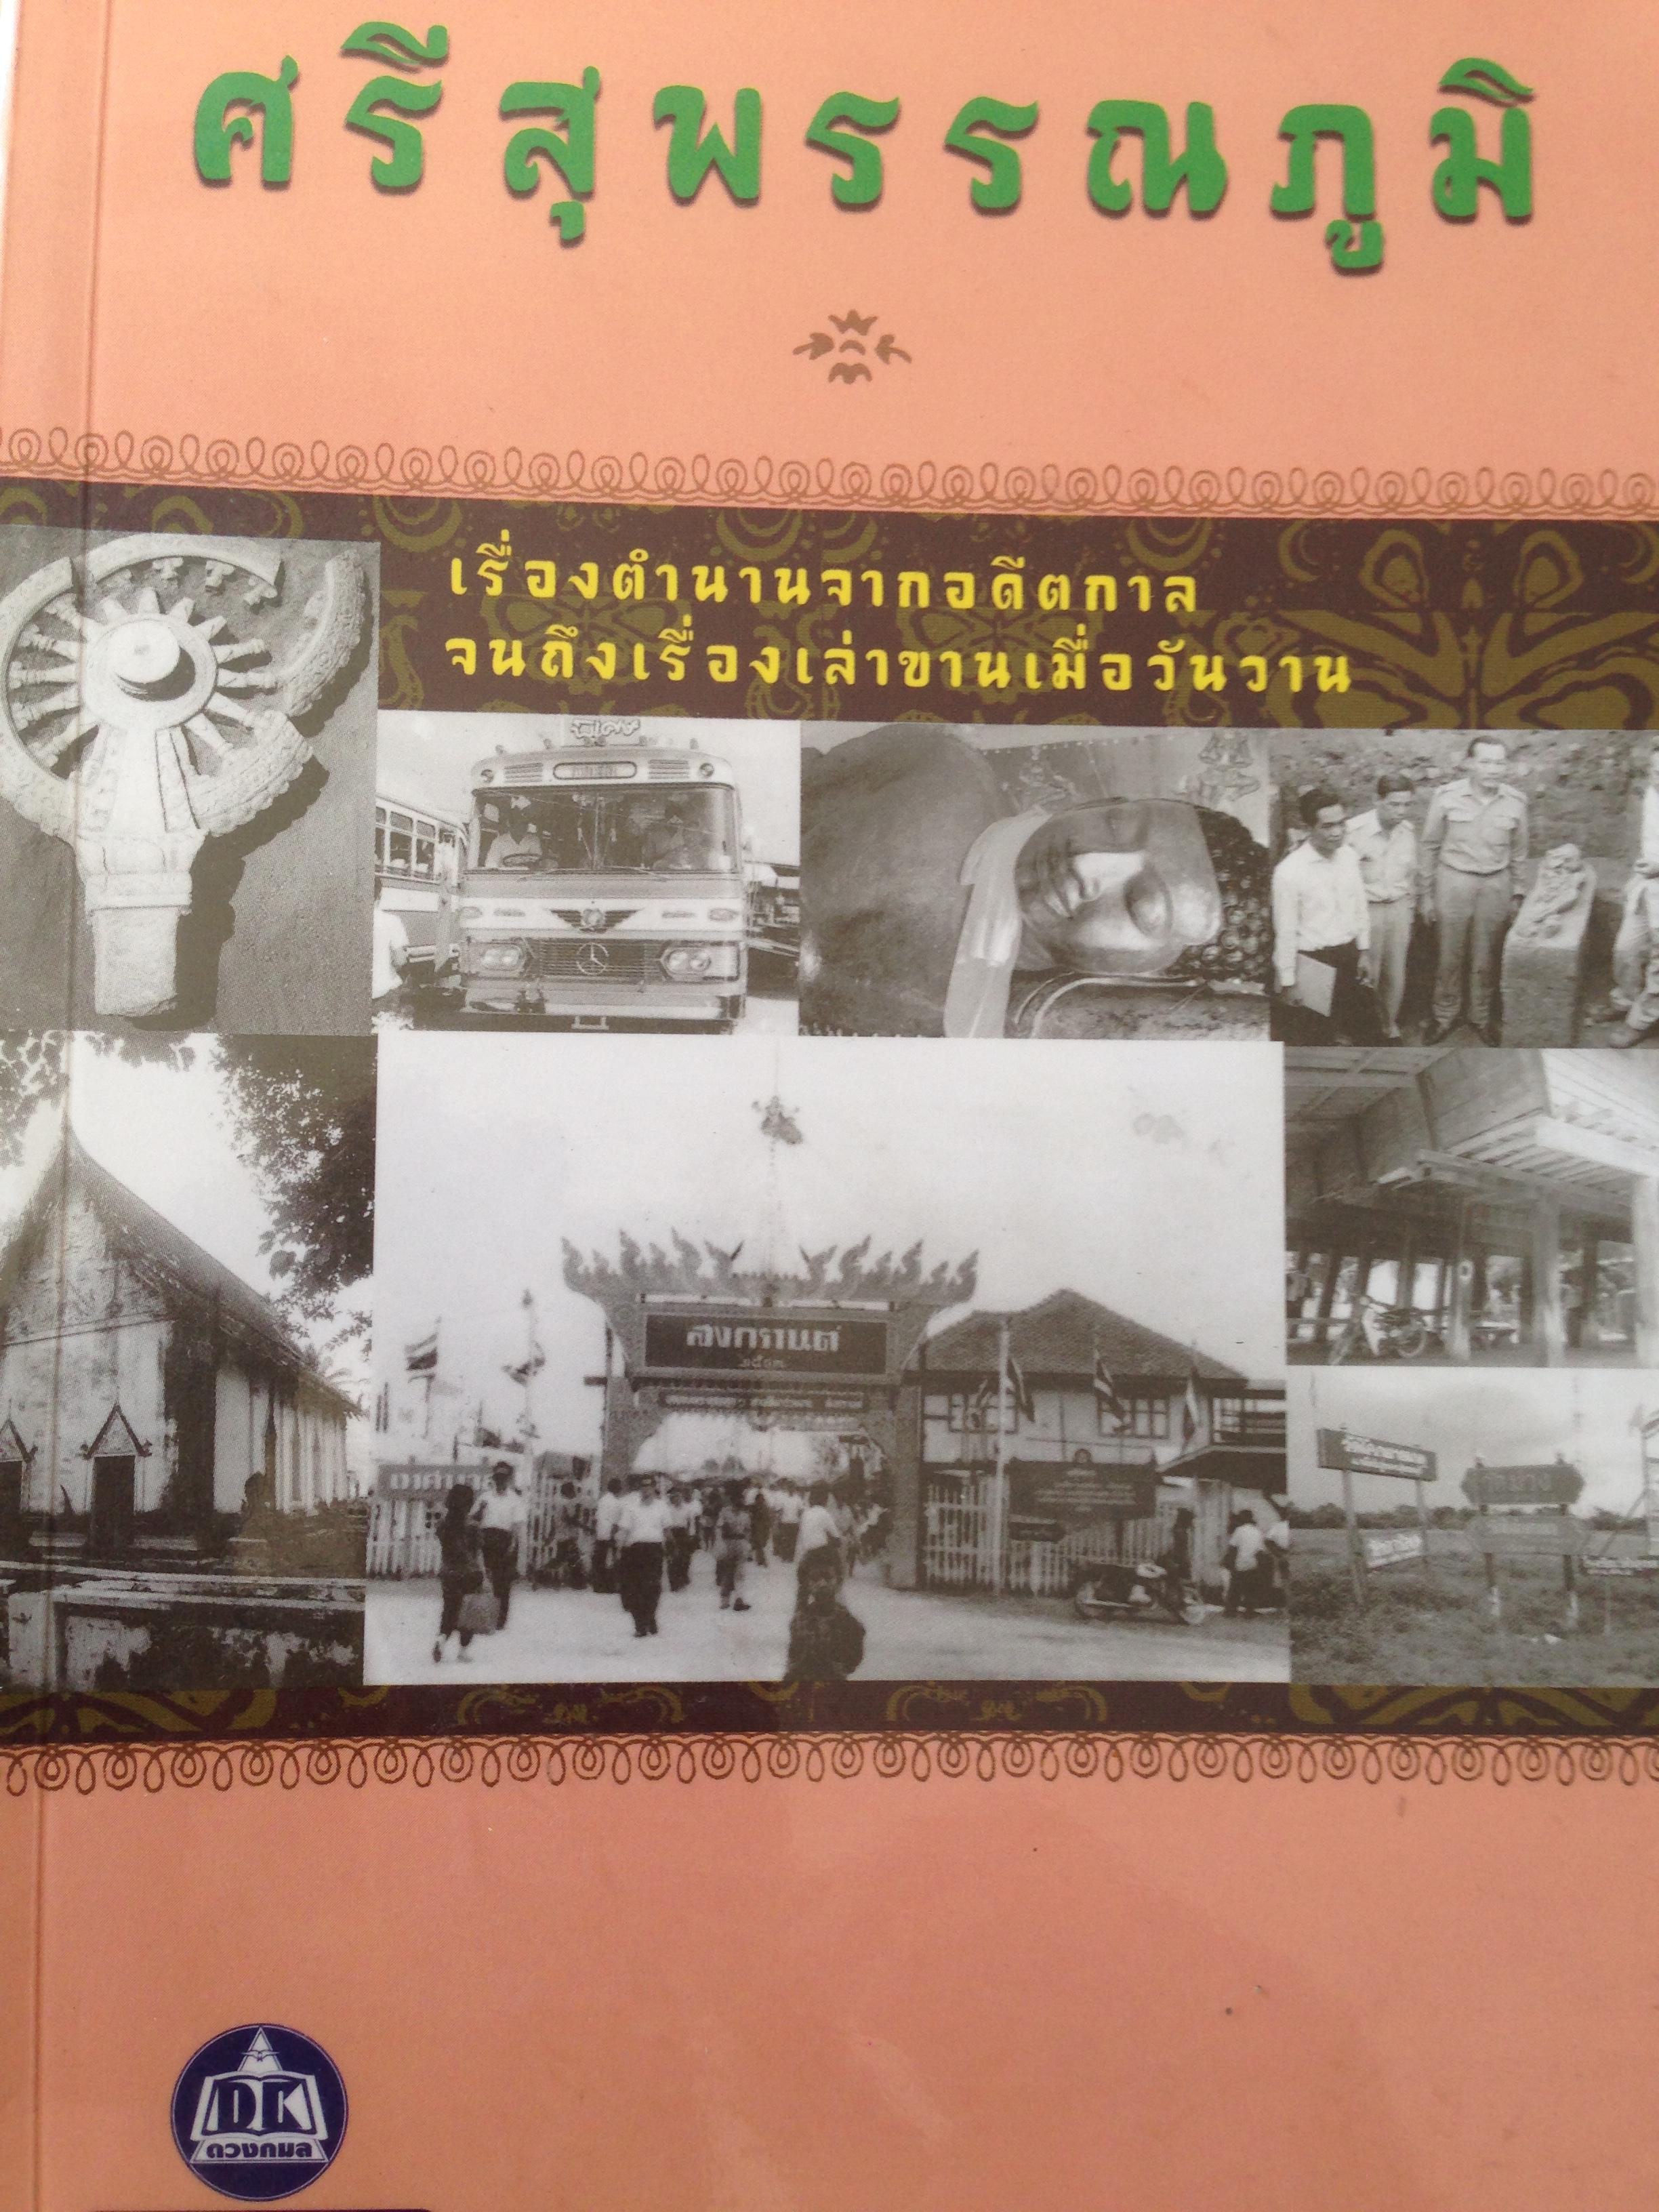 หนังสือเกี่ยวกับสุพรรณบุรี 1)ศรีสุพรรณภูมิ 2) ตำนานเสือเมืองสุพรรณ 3) เที่ยวบ้านเราสุขใจไปสุพรรณ